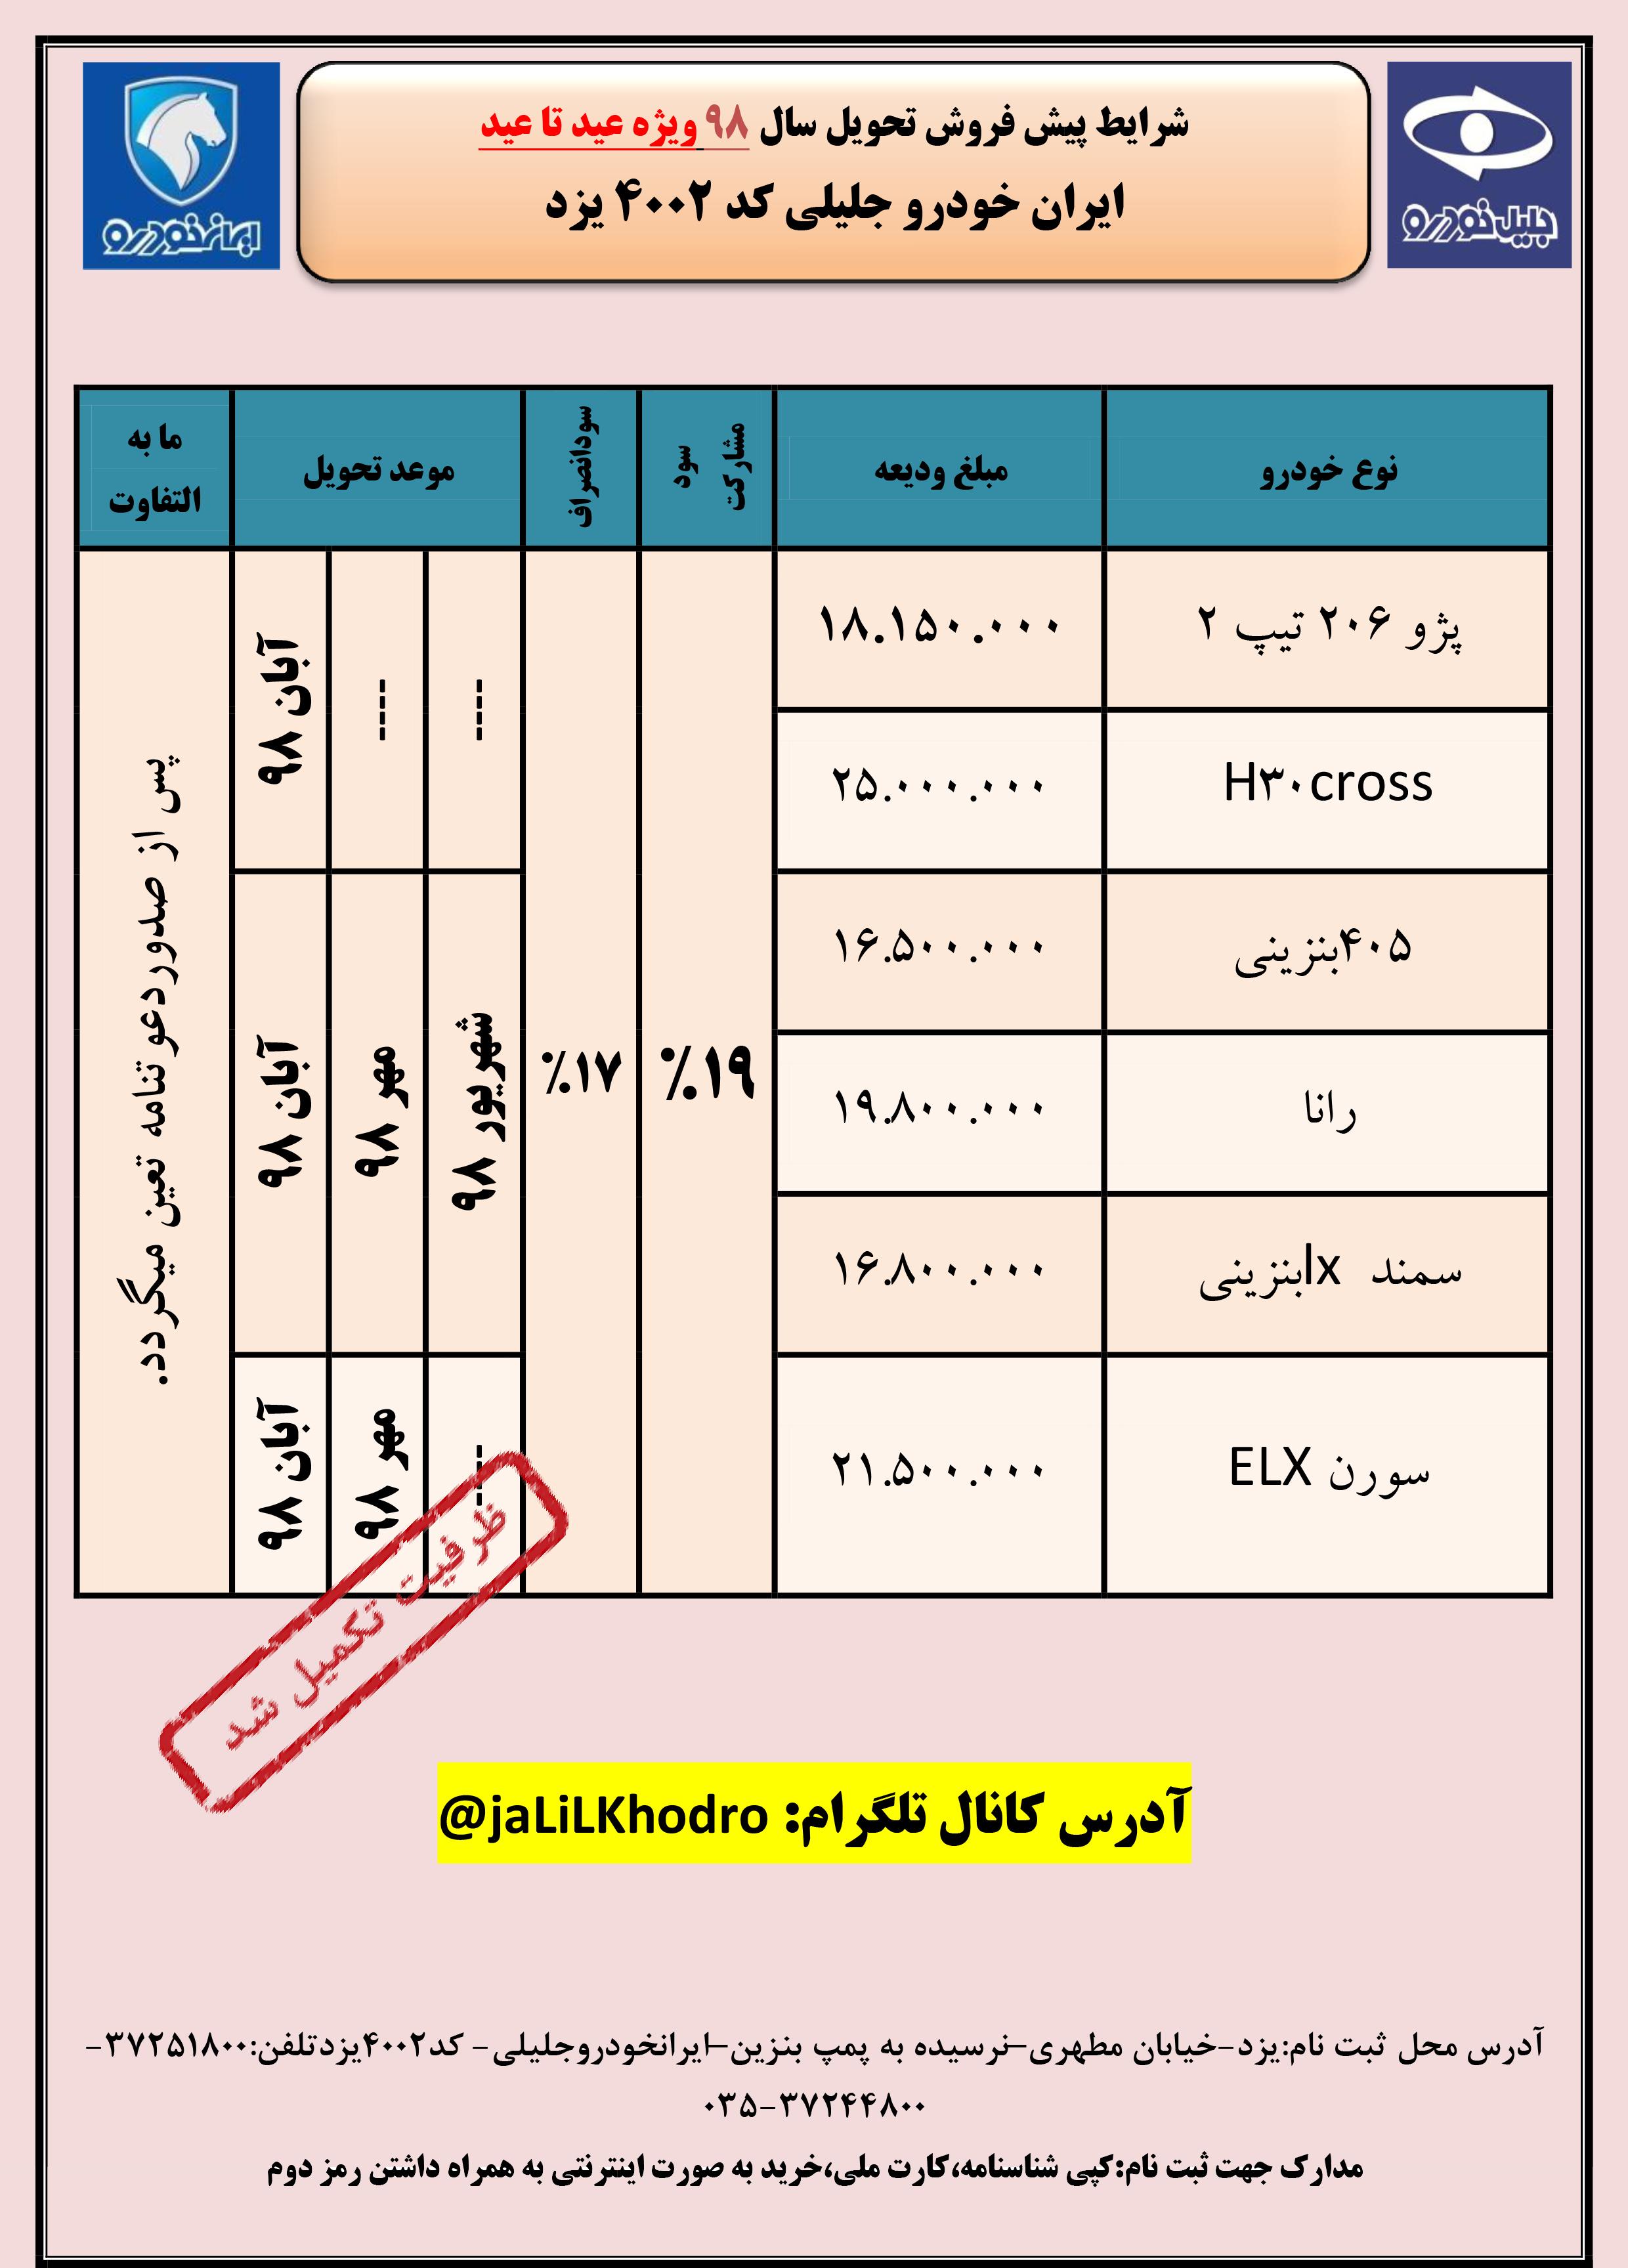 اصلاحیه پیش فروش عید تا عید98